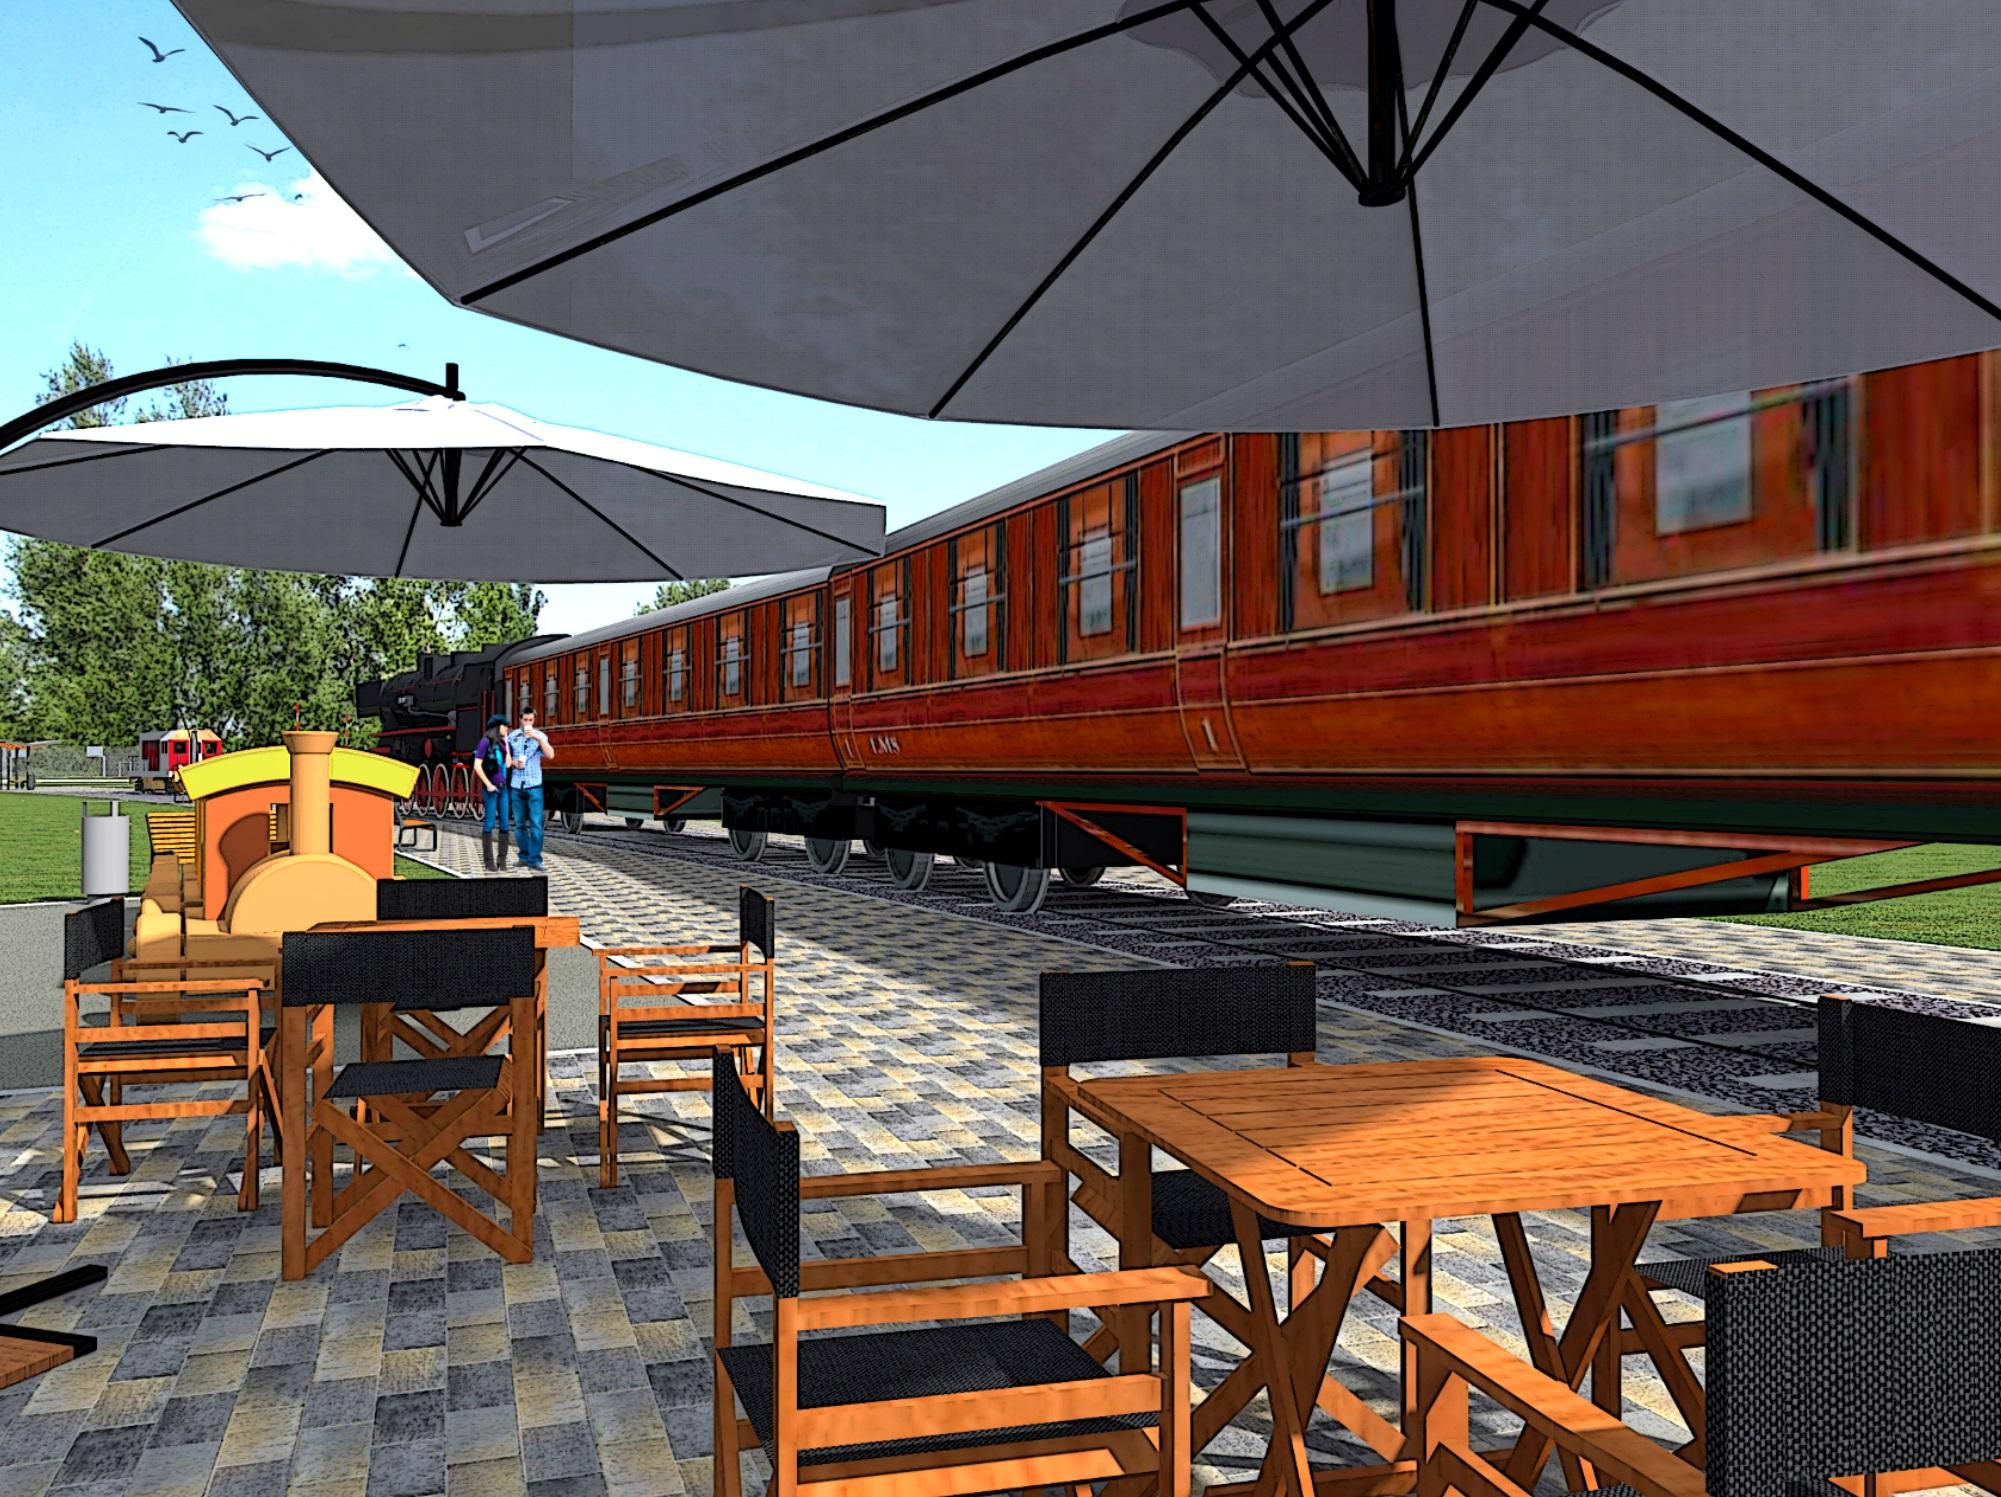 park Rataje wagon wizualizacja - skanska.pl